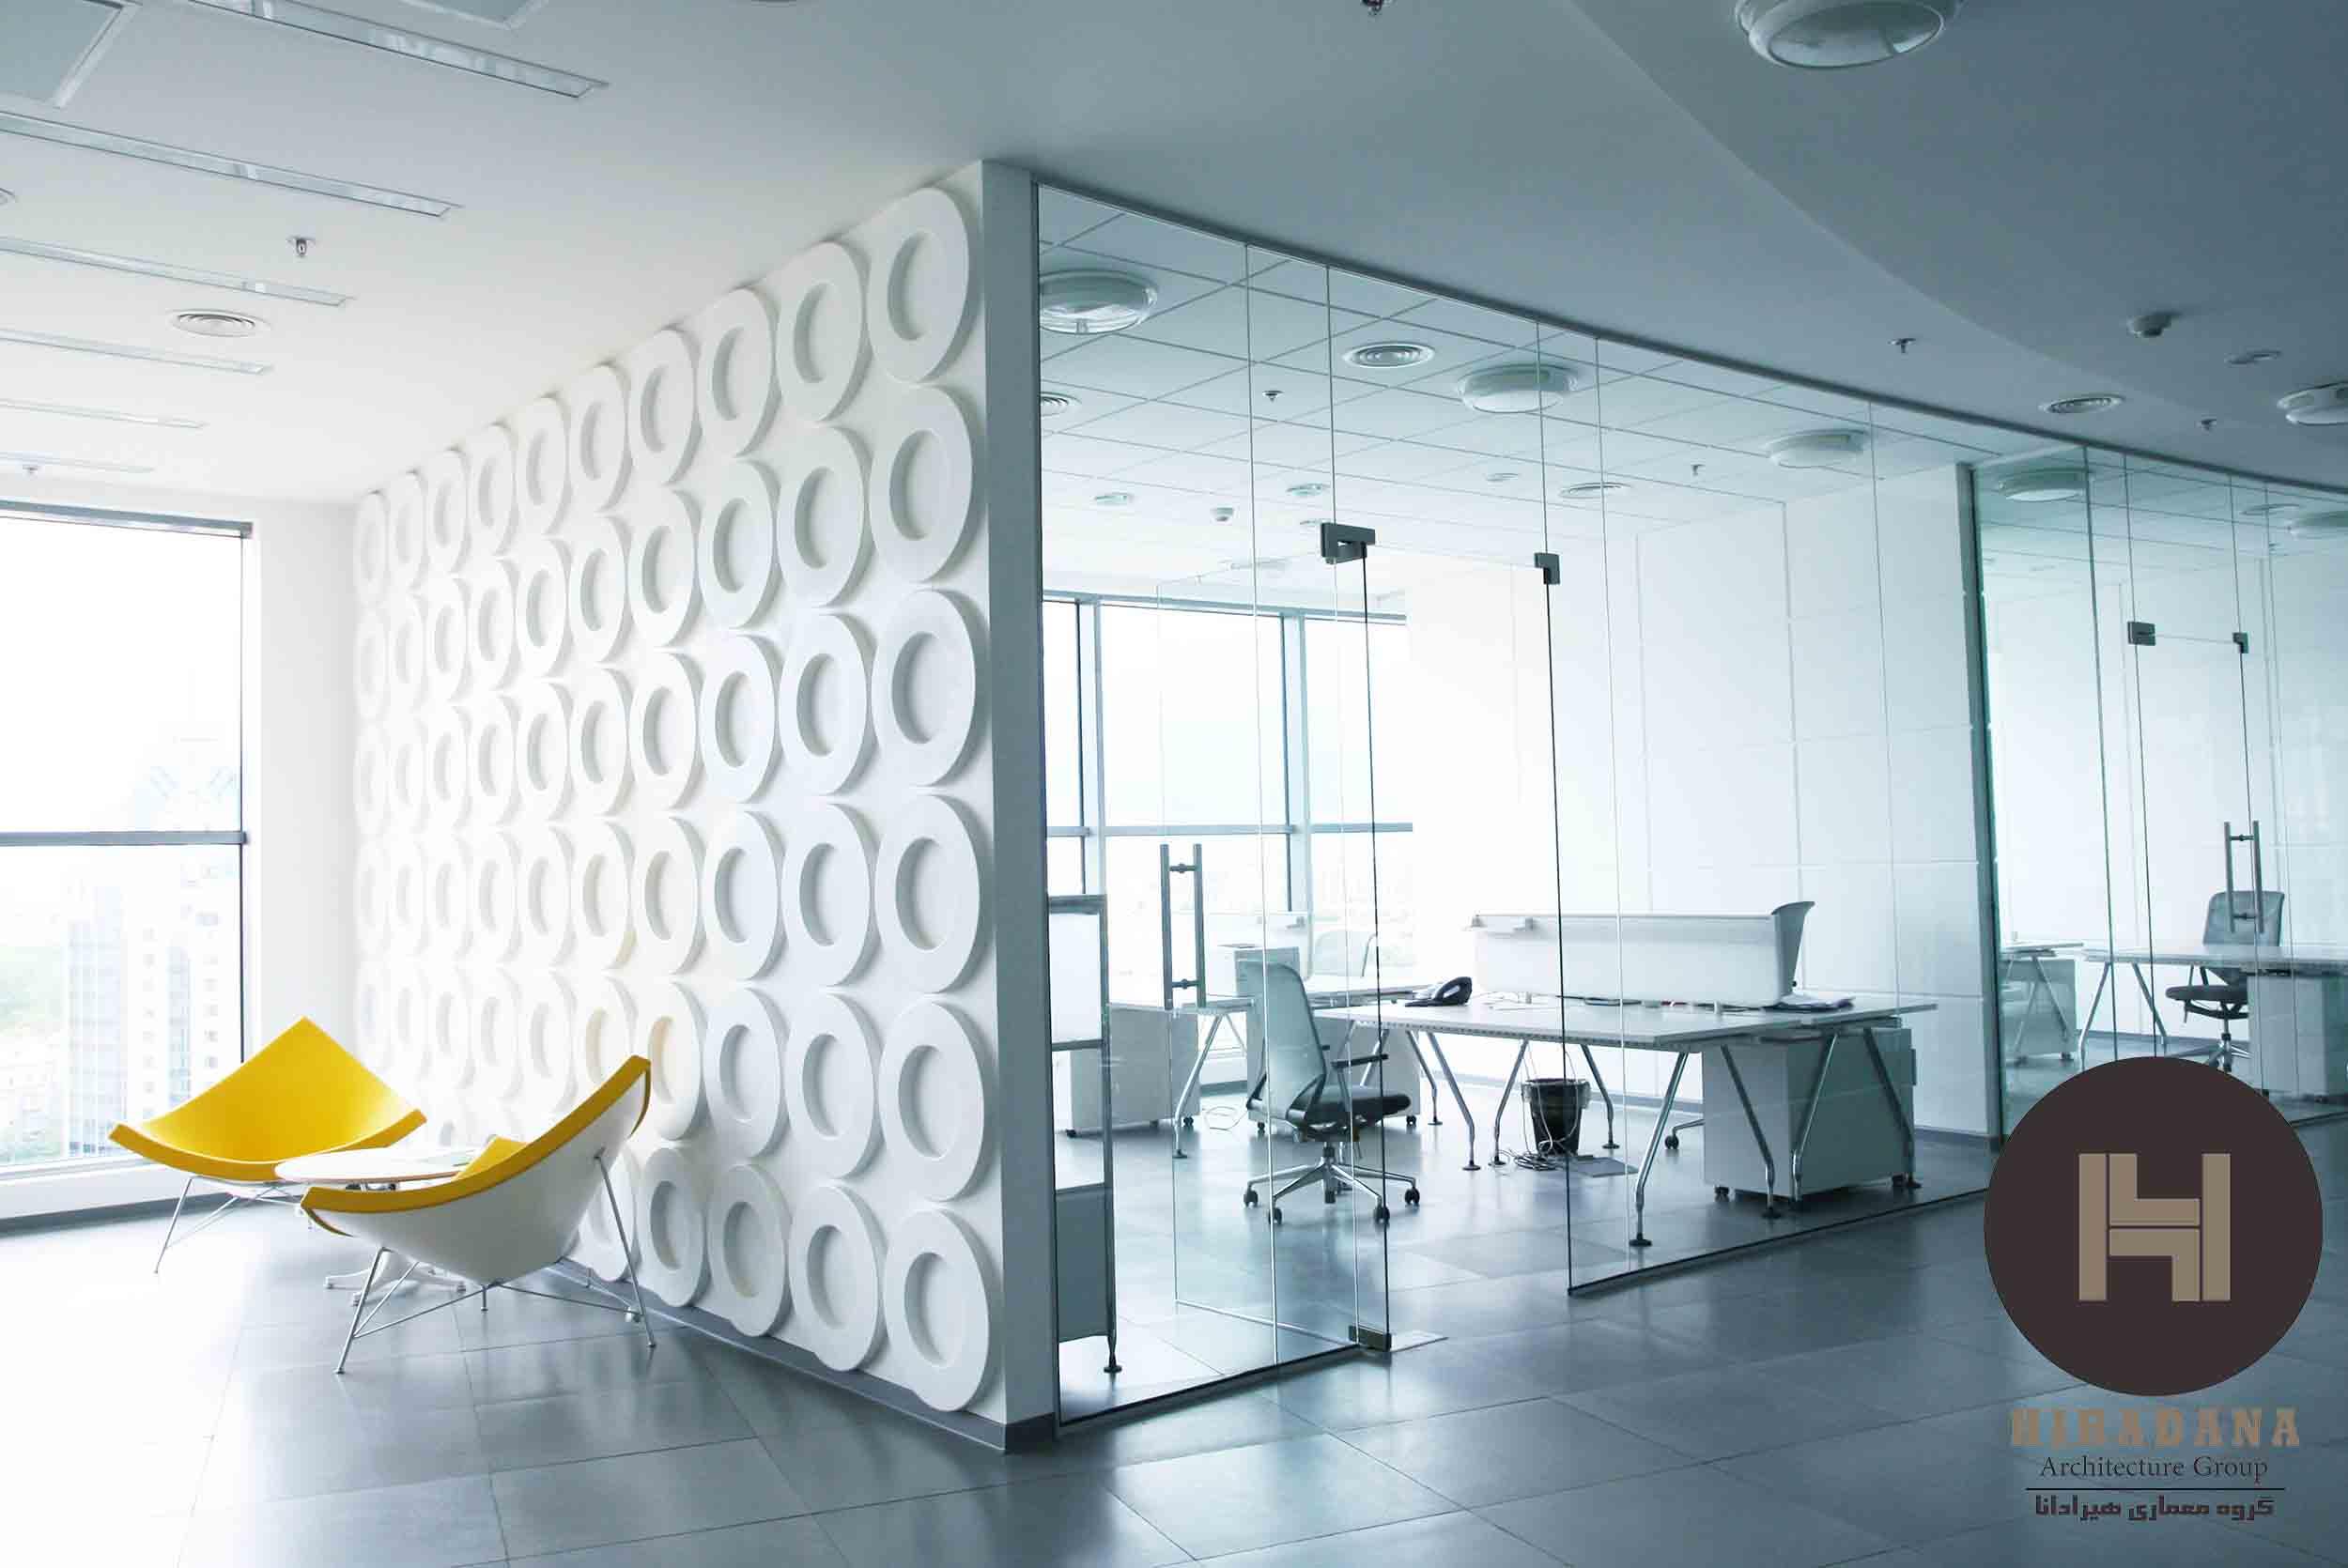 نقش پارتیشن اداری در طراحی دکوراسیون داخلی اداری